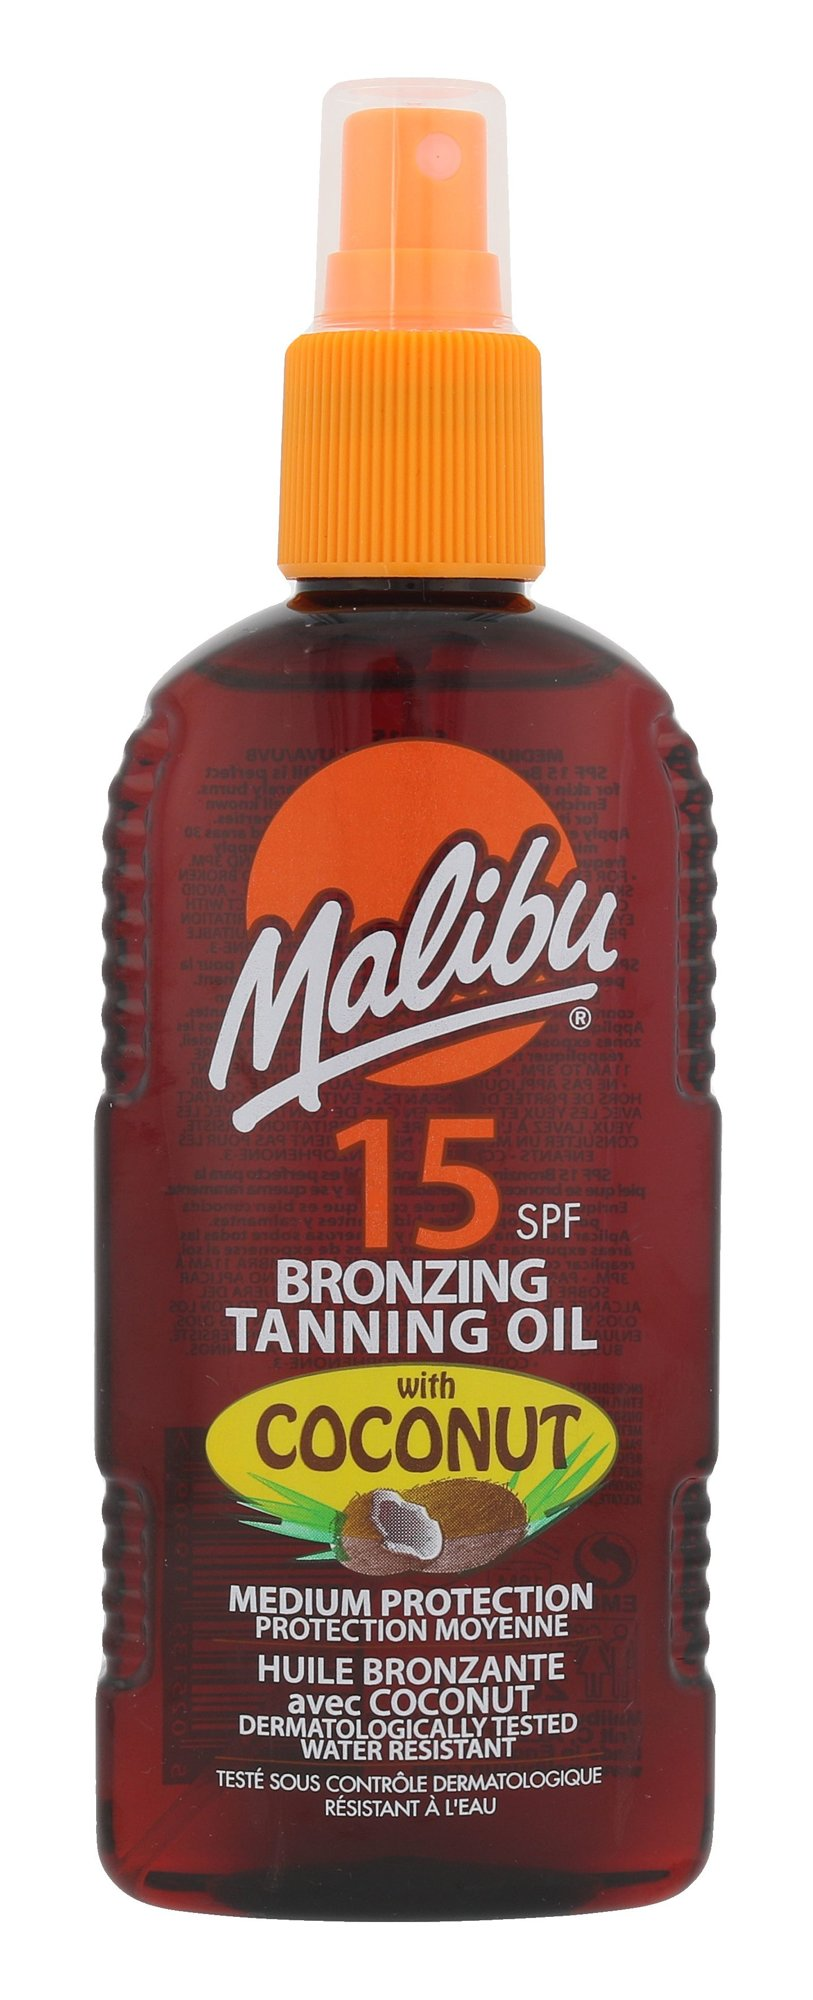 Malibu Bronzing Tanning Oil Cosmetic 200ml  Coconut